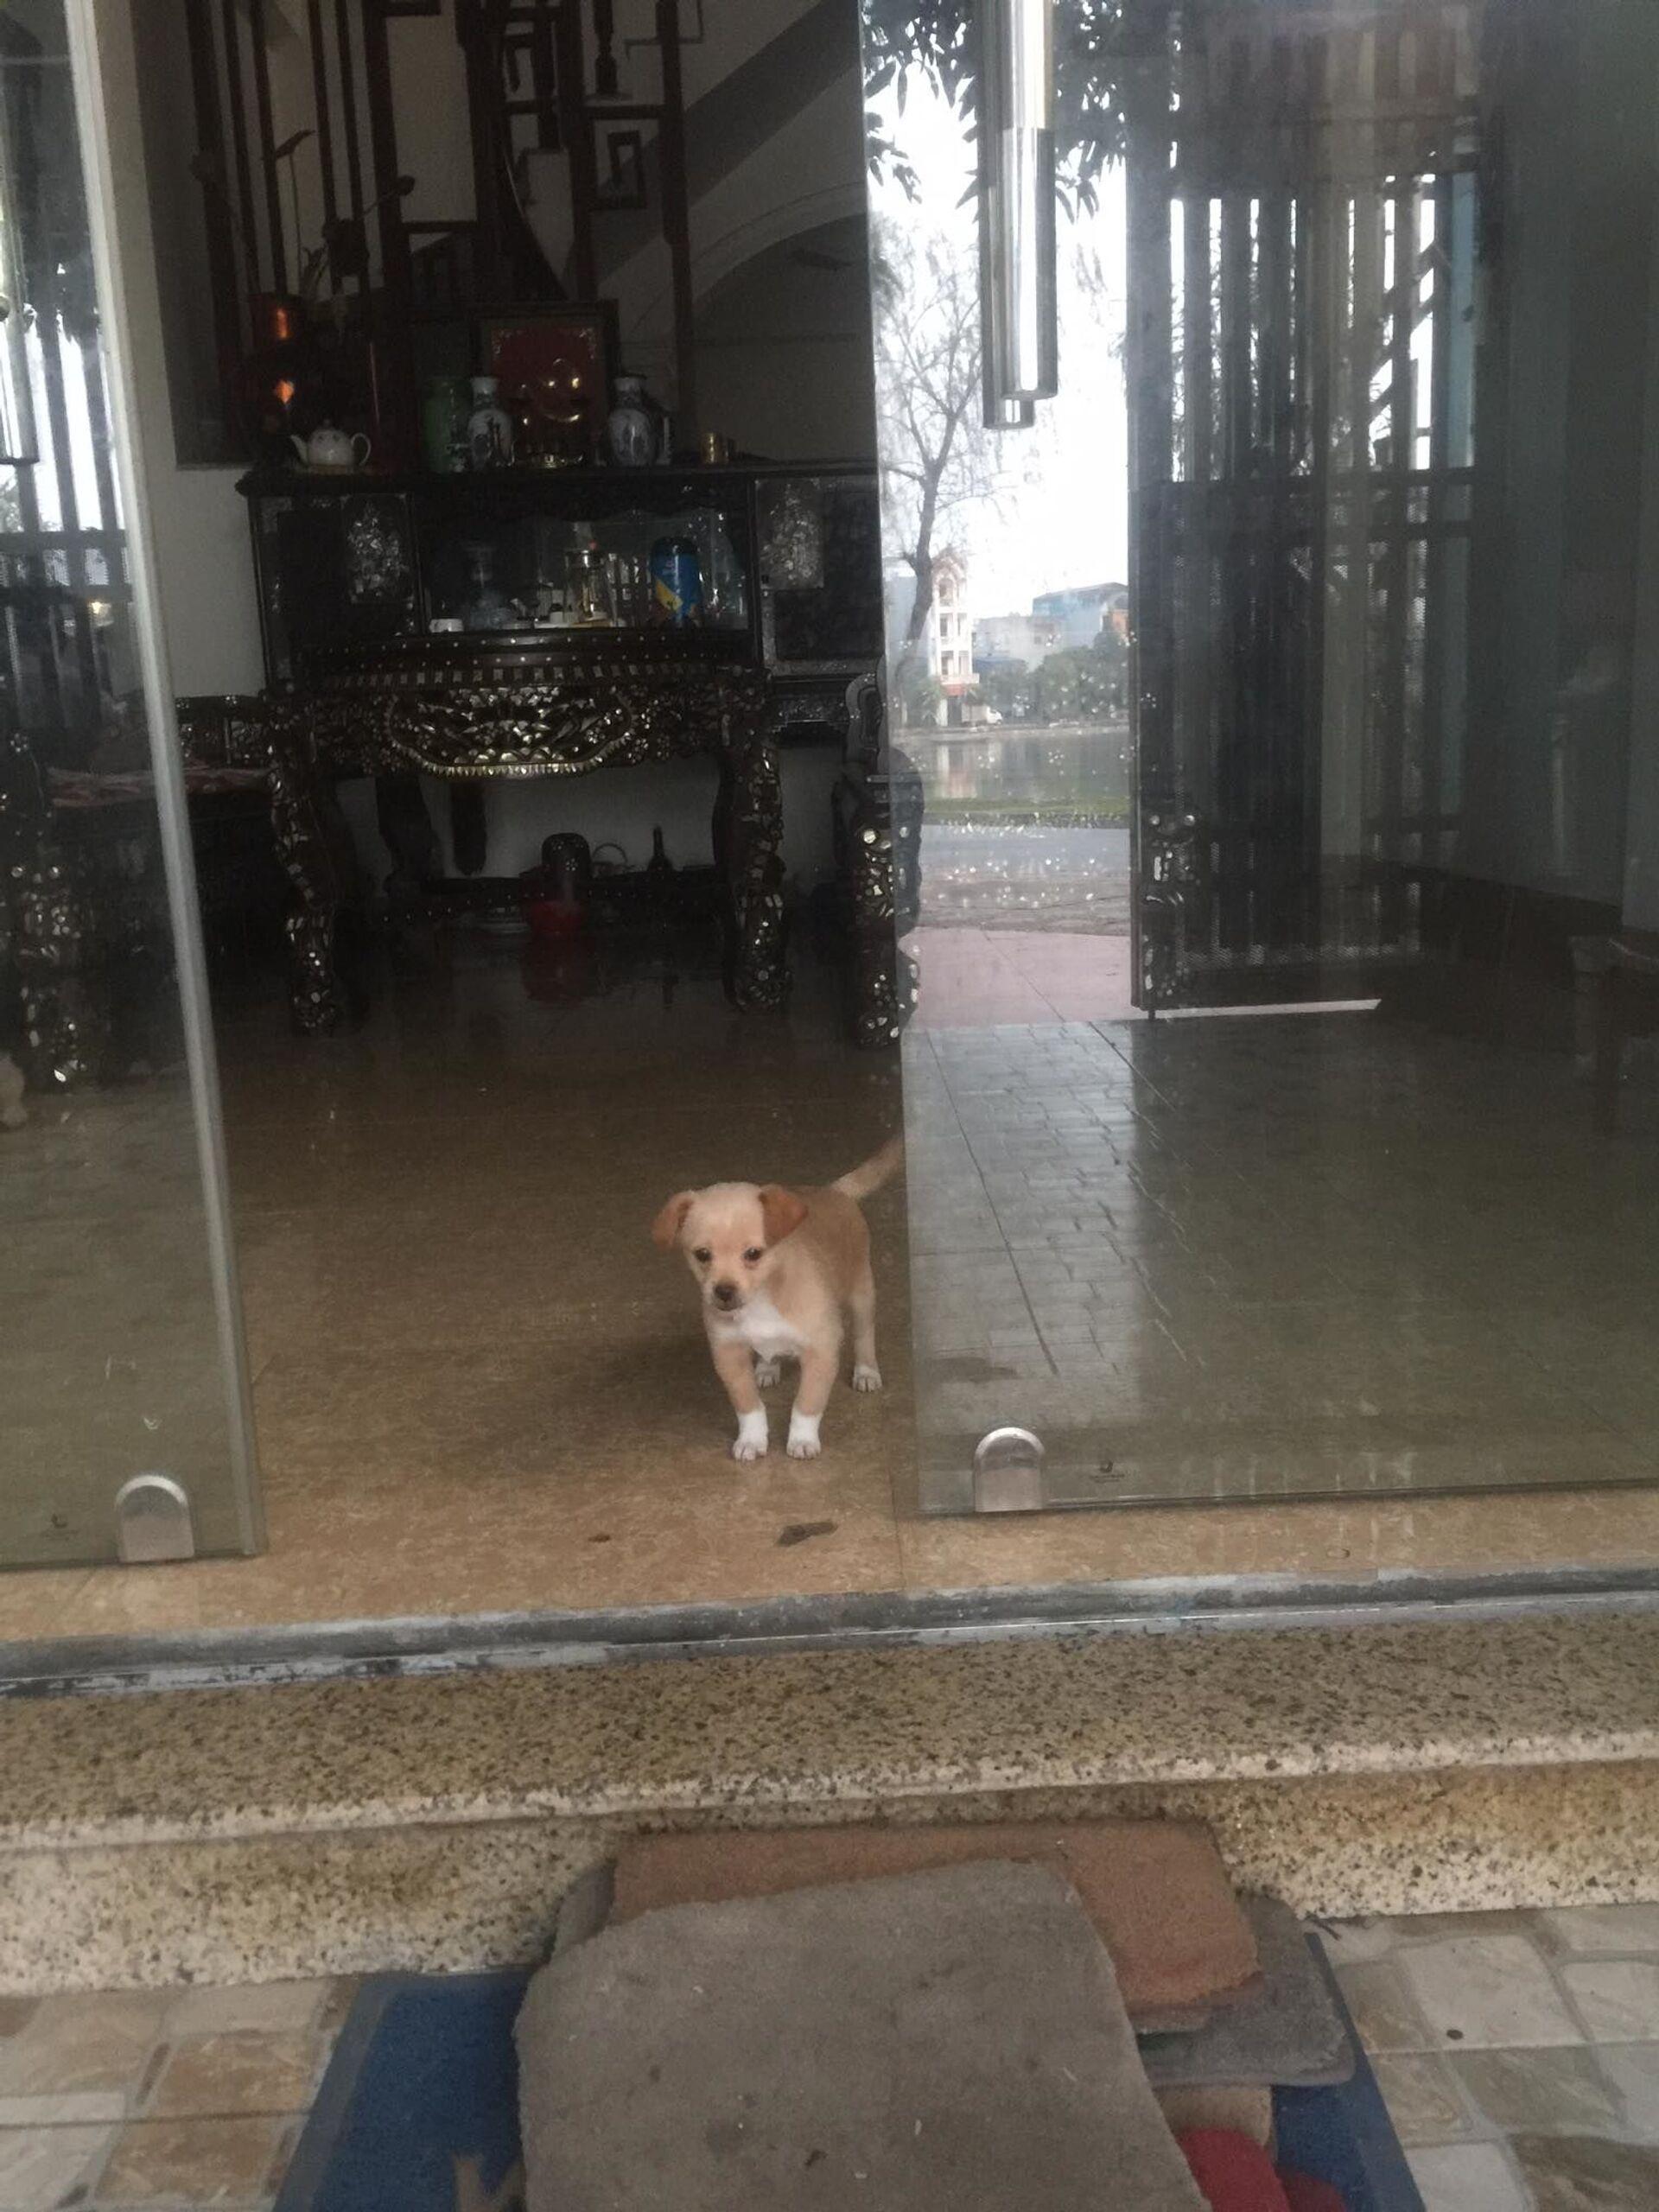 Hug your dog day – Giới trẻ Việt Nam ôm chó thật lâu, dắt chó đến nhà hàng - Sputnik Việt Nam, 1920, 10.04.2021